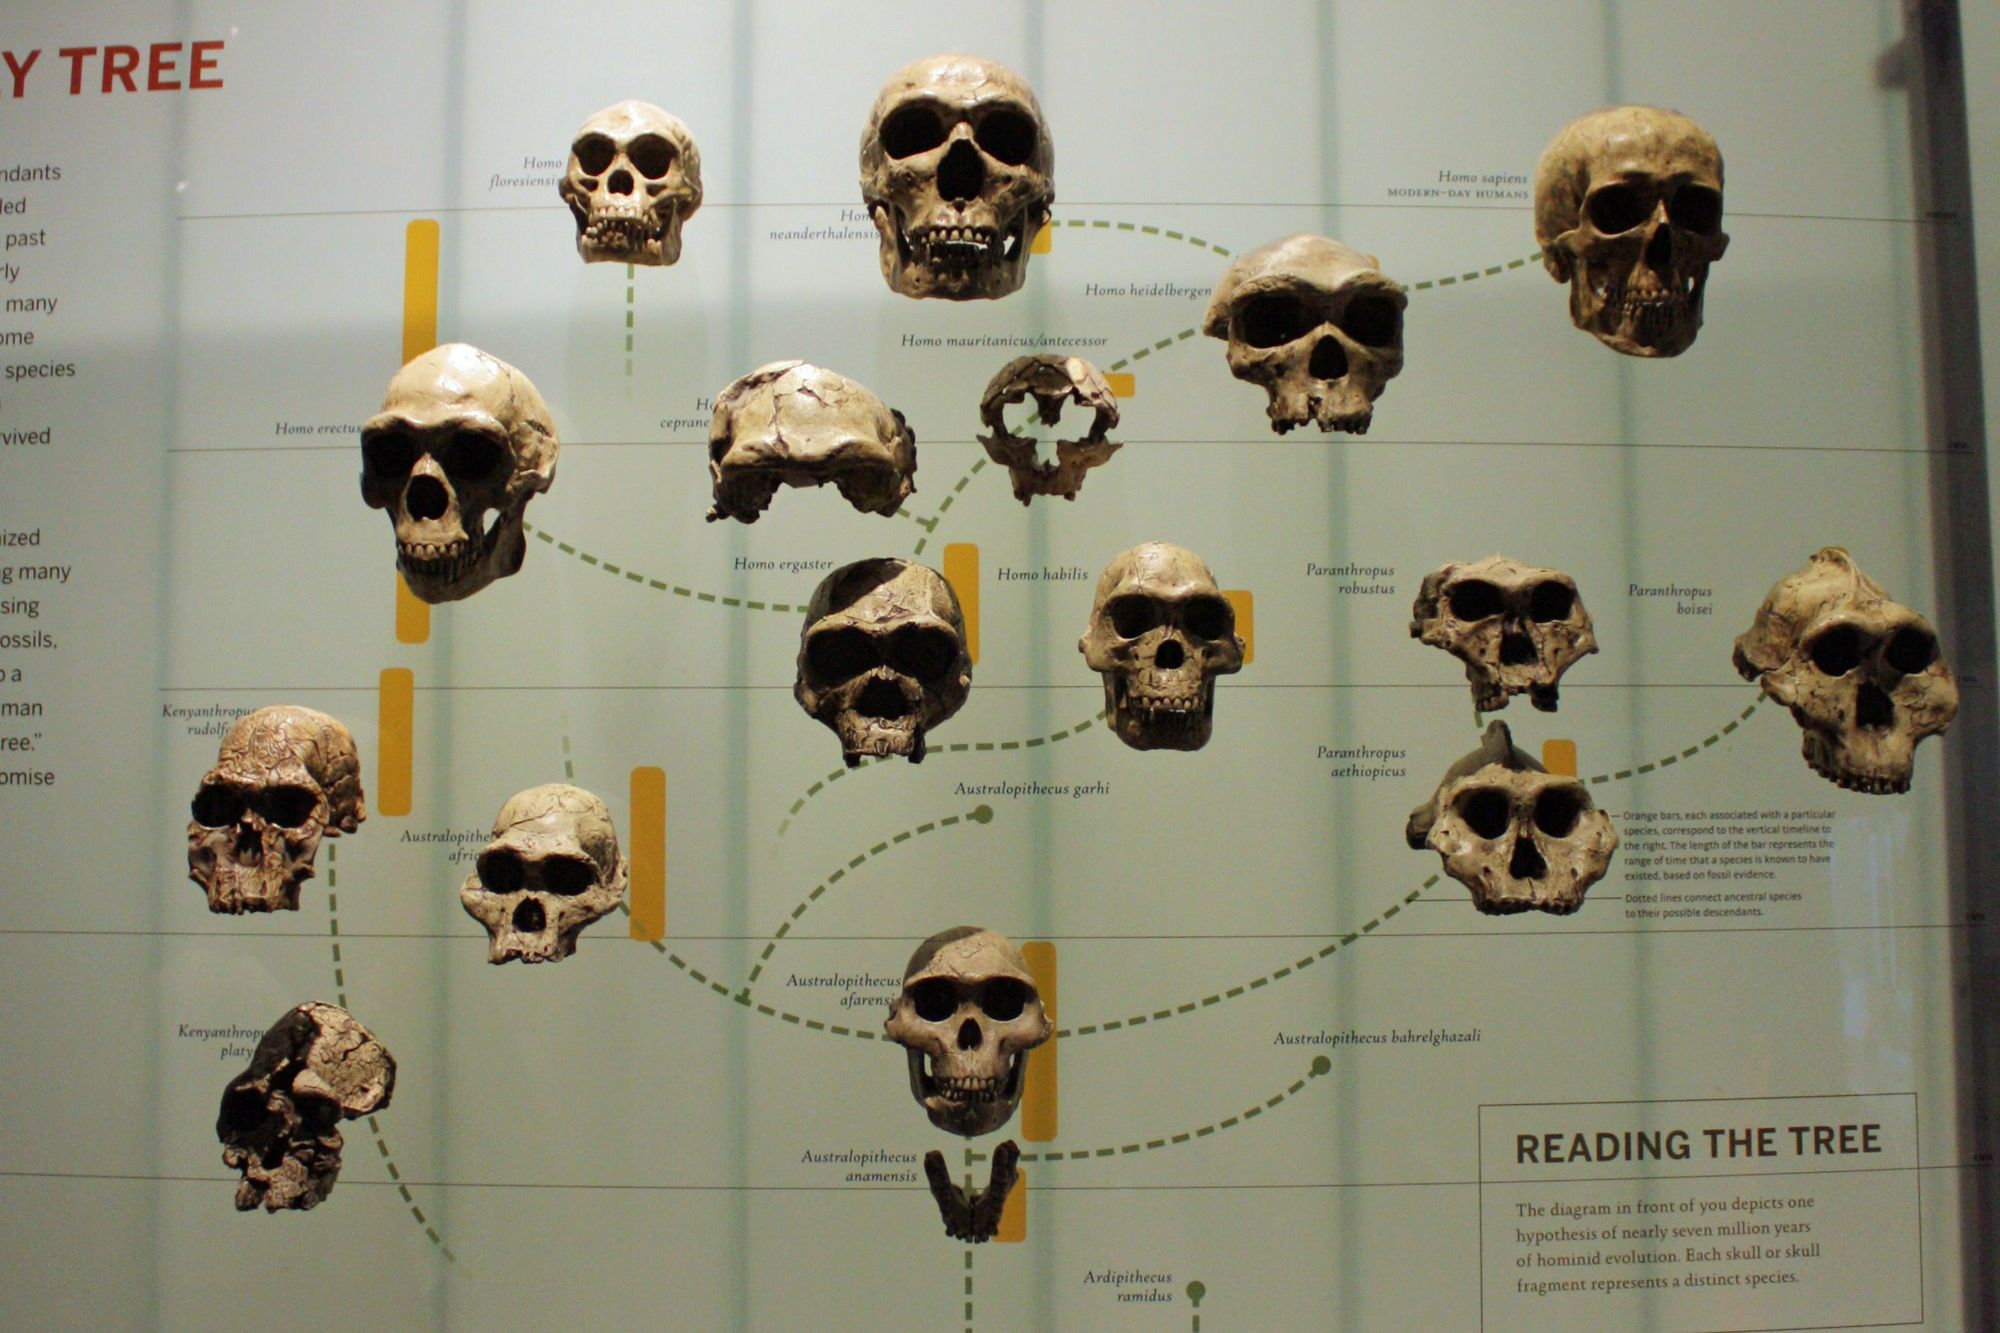 dating ihmisen fossiileja olla tyytyväinen itse ennen dating lainaus merkit